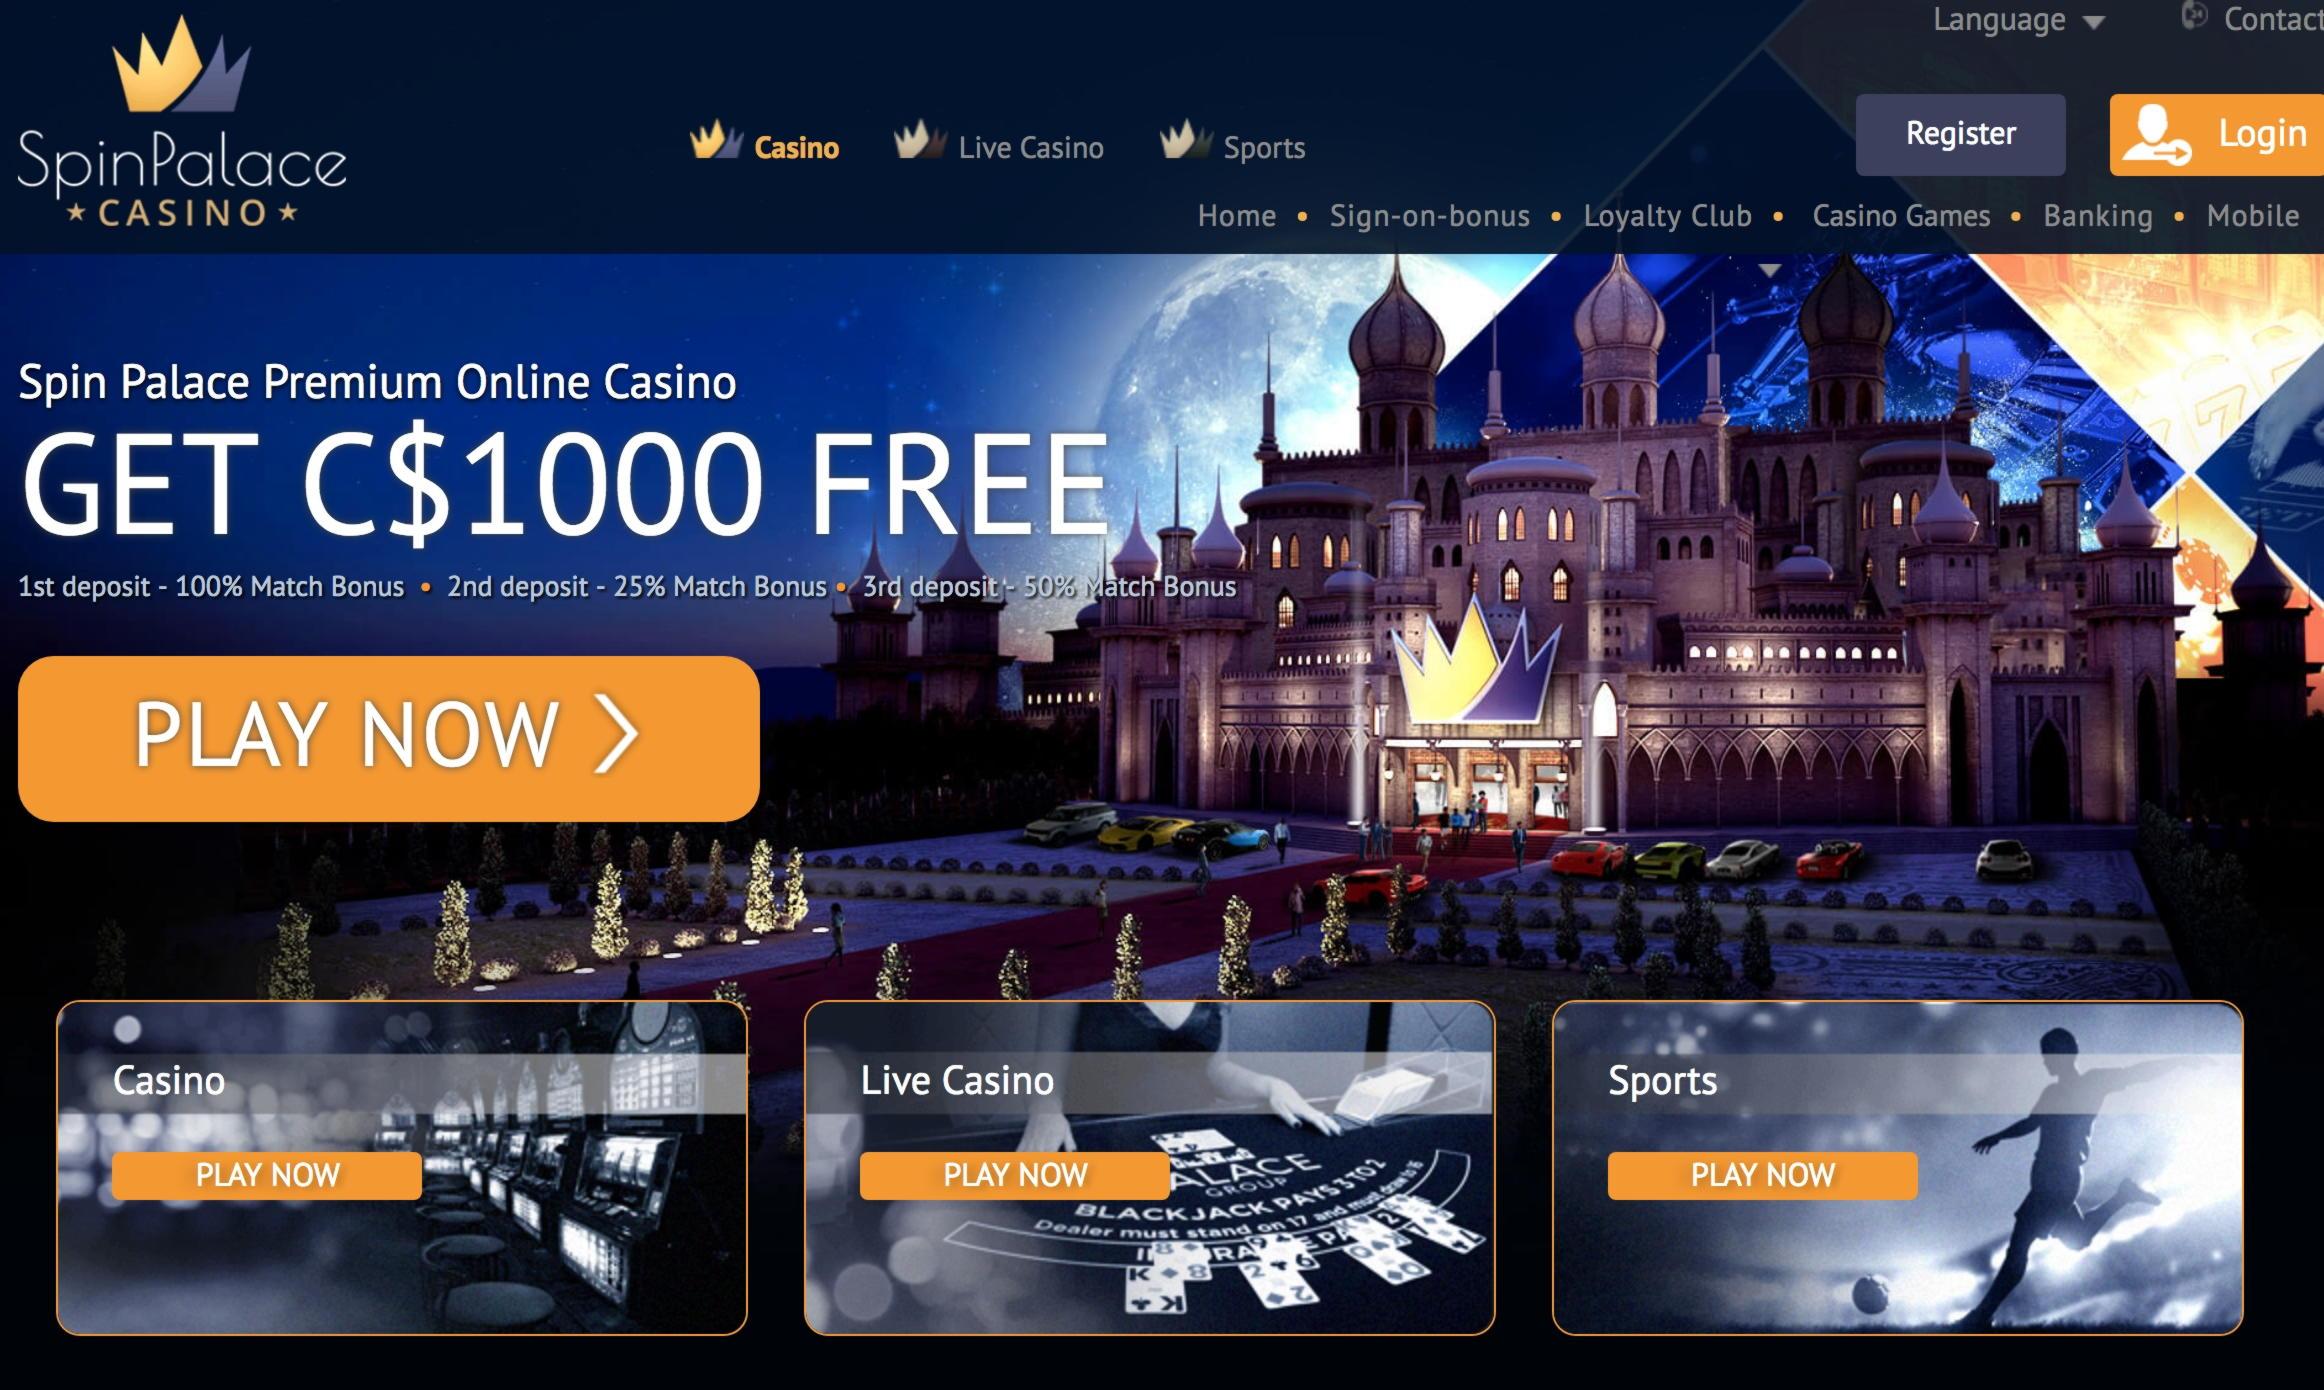 560% Match at a Casino at Slots 500